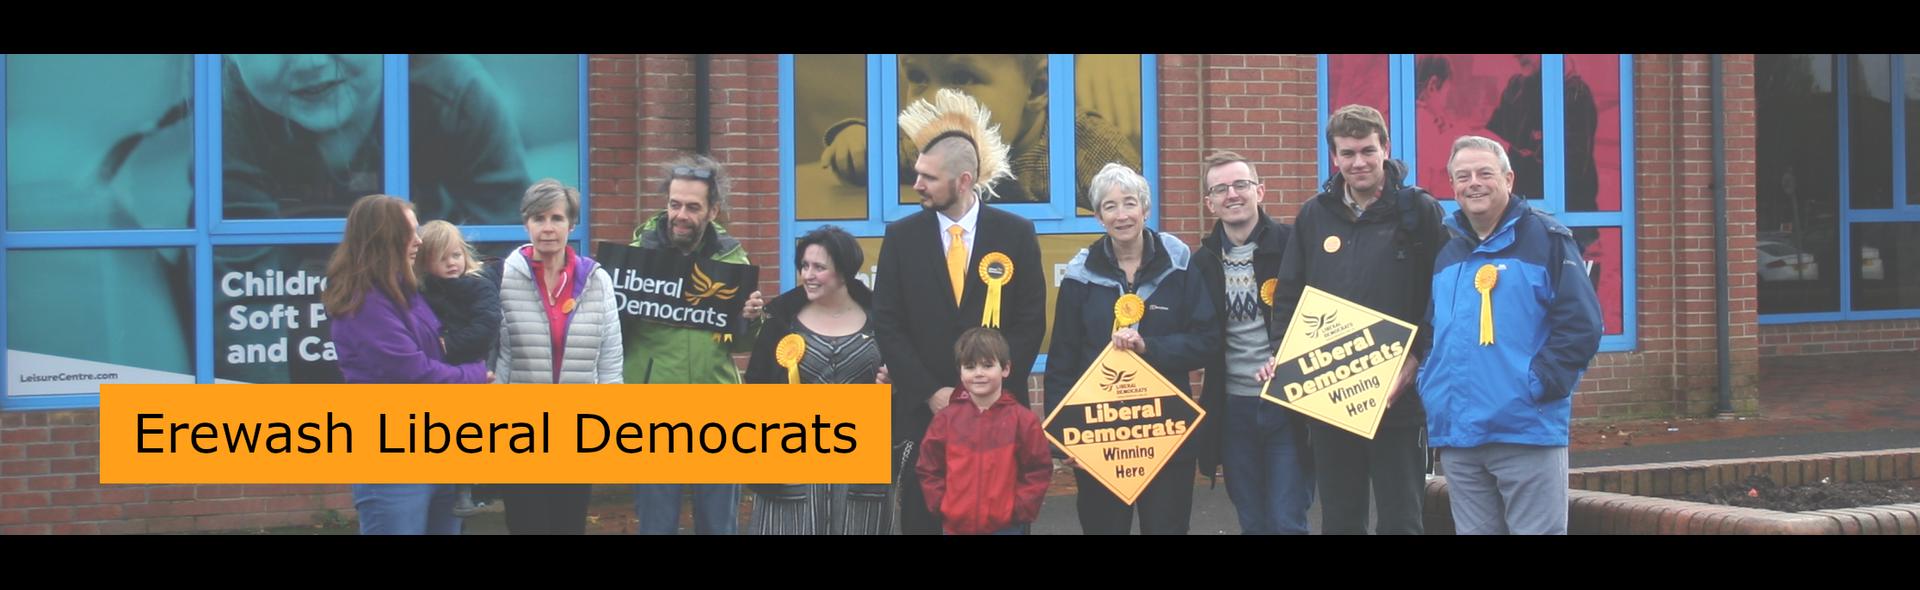 Erewash Liberal Democrats